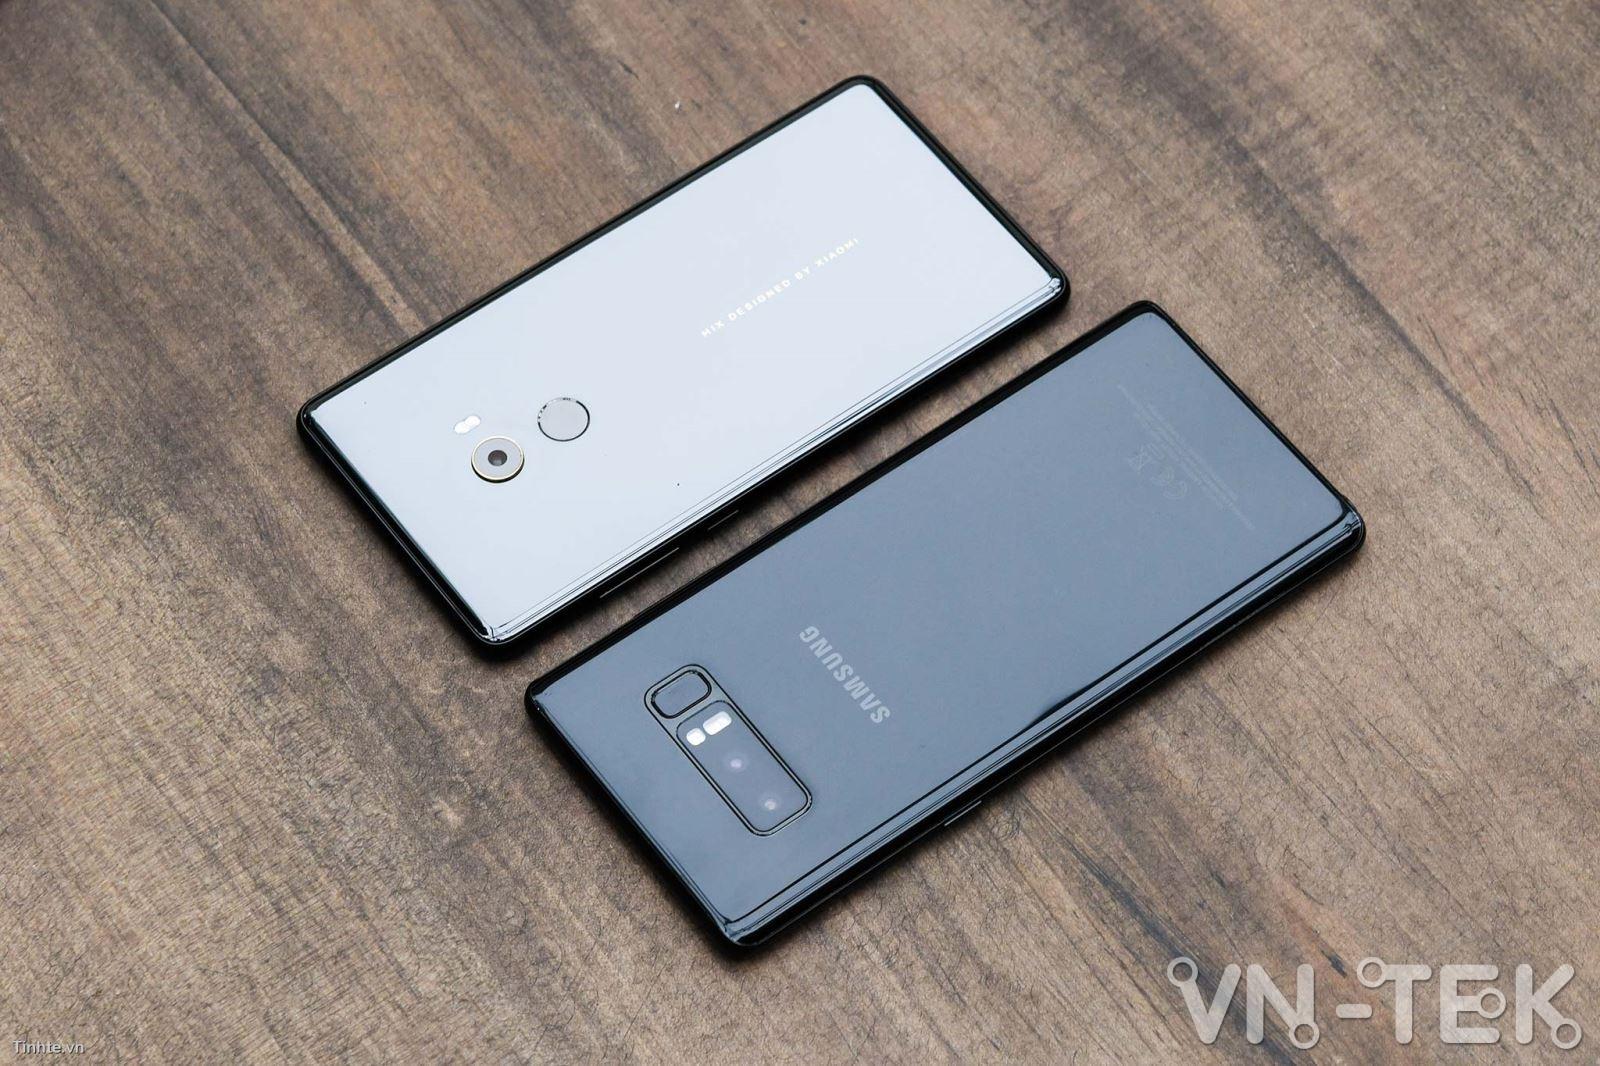 galaxy note8 xiaomi mi mix 2 3 - Galaxy Note8 và Xiaomi Mi Mix 2 cuộc chiến màn hình vô cực